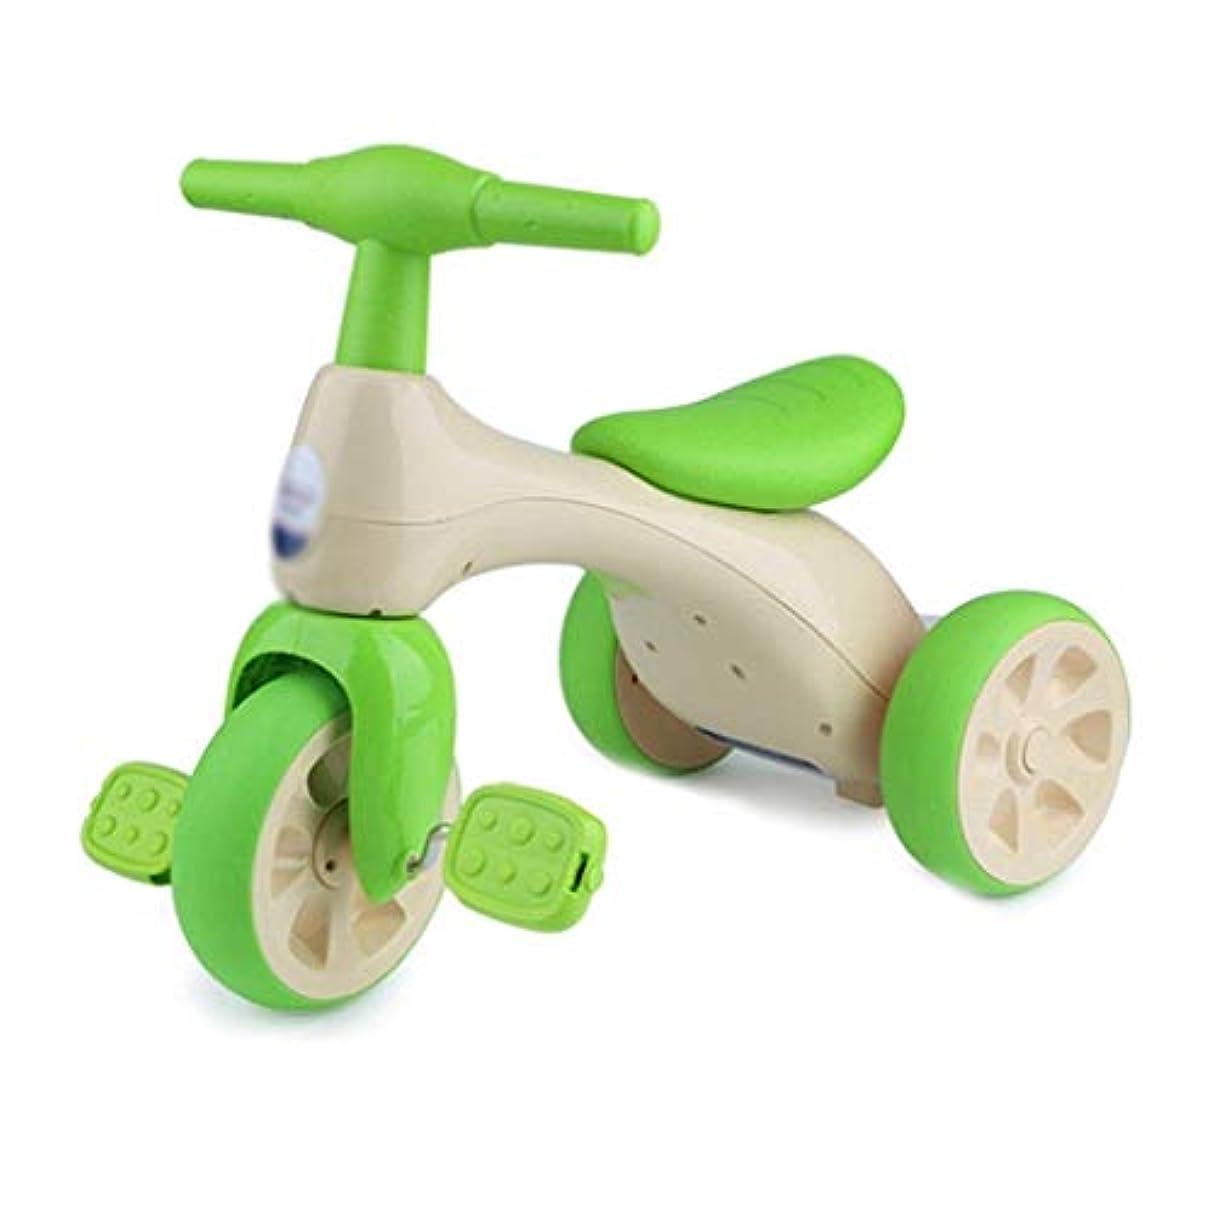 すなわち治療ベンチ子供の三輪車自転車3-8歳の男の子の女の子の練習自転車子供ベビーカー公園ガーデン三輪車